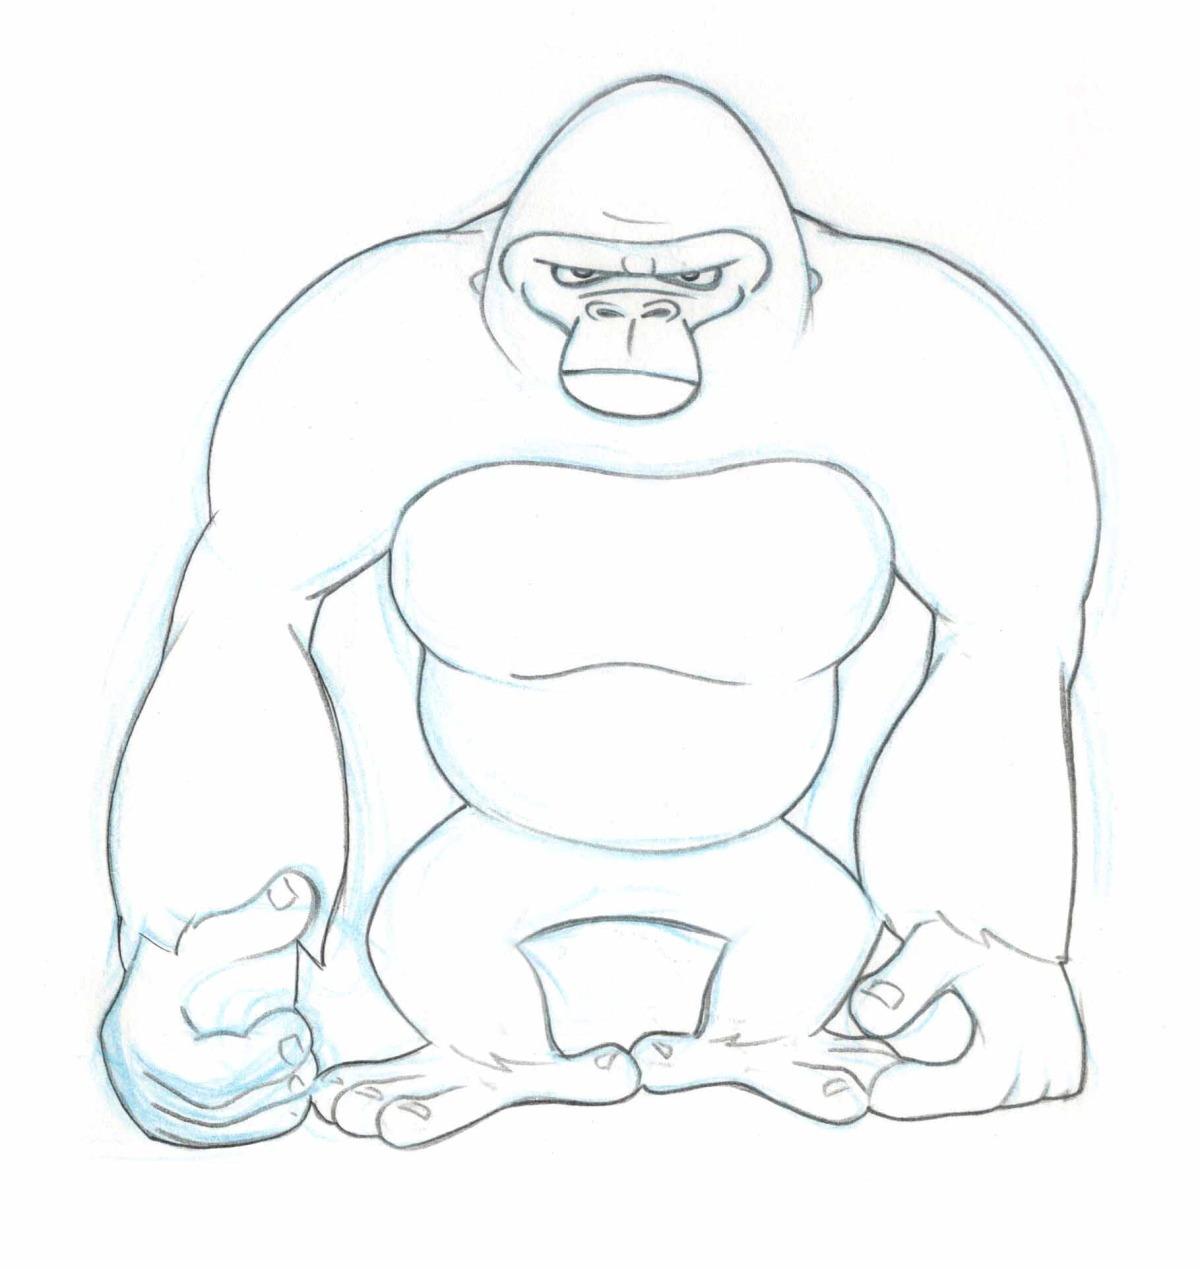 antcreations_gorillatubssketches14.jpg